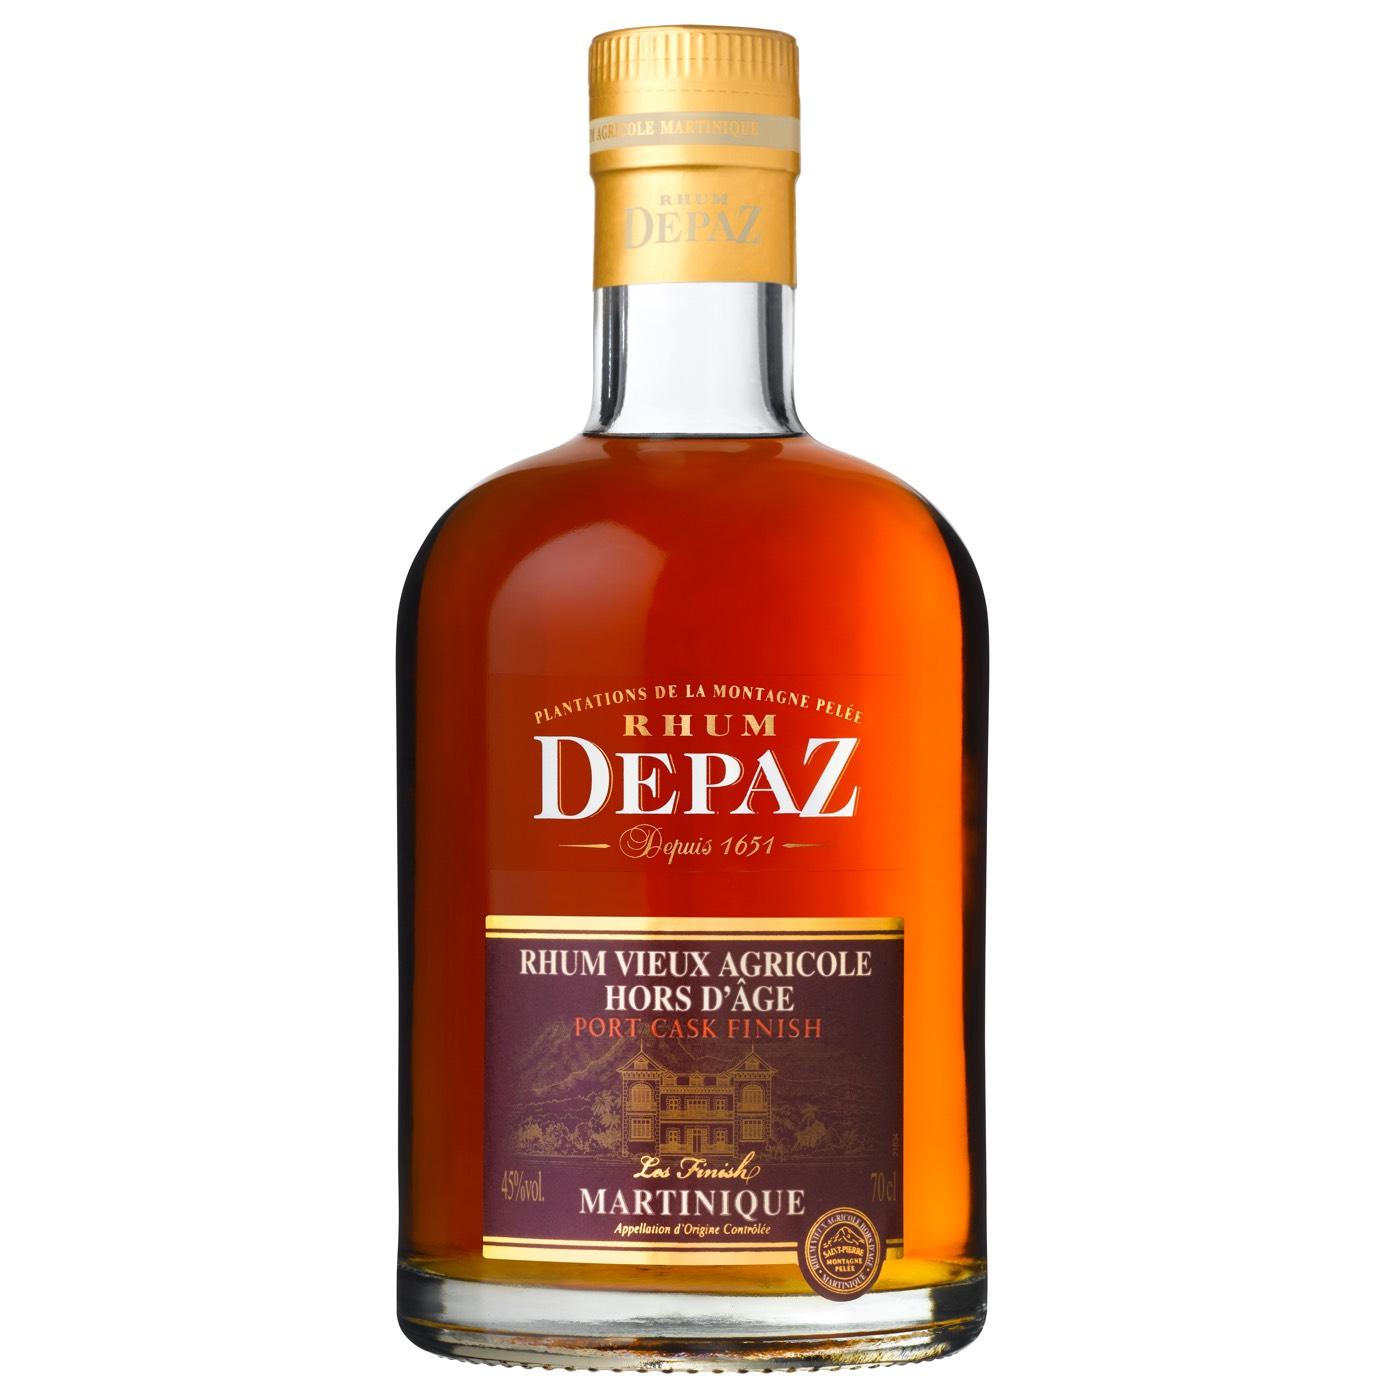 Bottle image of Hors d'Âge Port Cask Finish